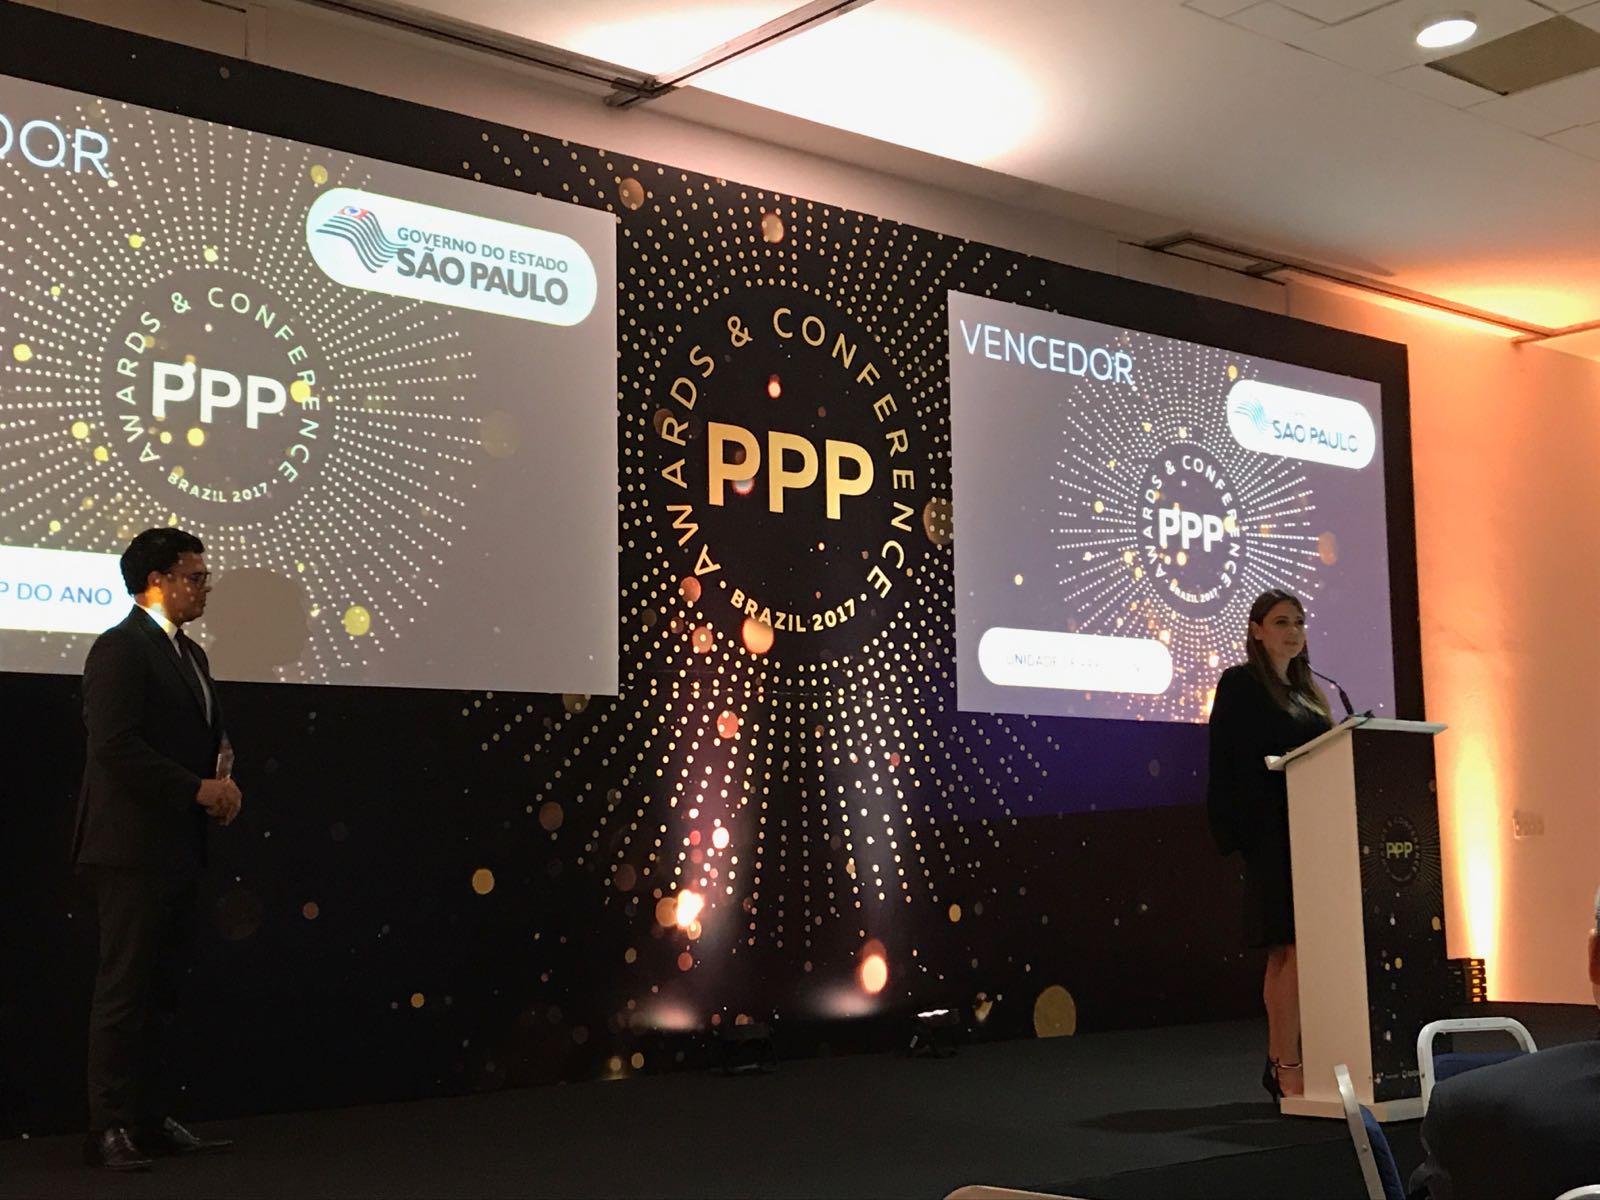 Programa de PPPs do Governo do Estado de São Paulo recebe quatro prêmios